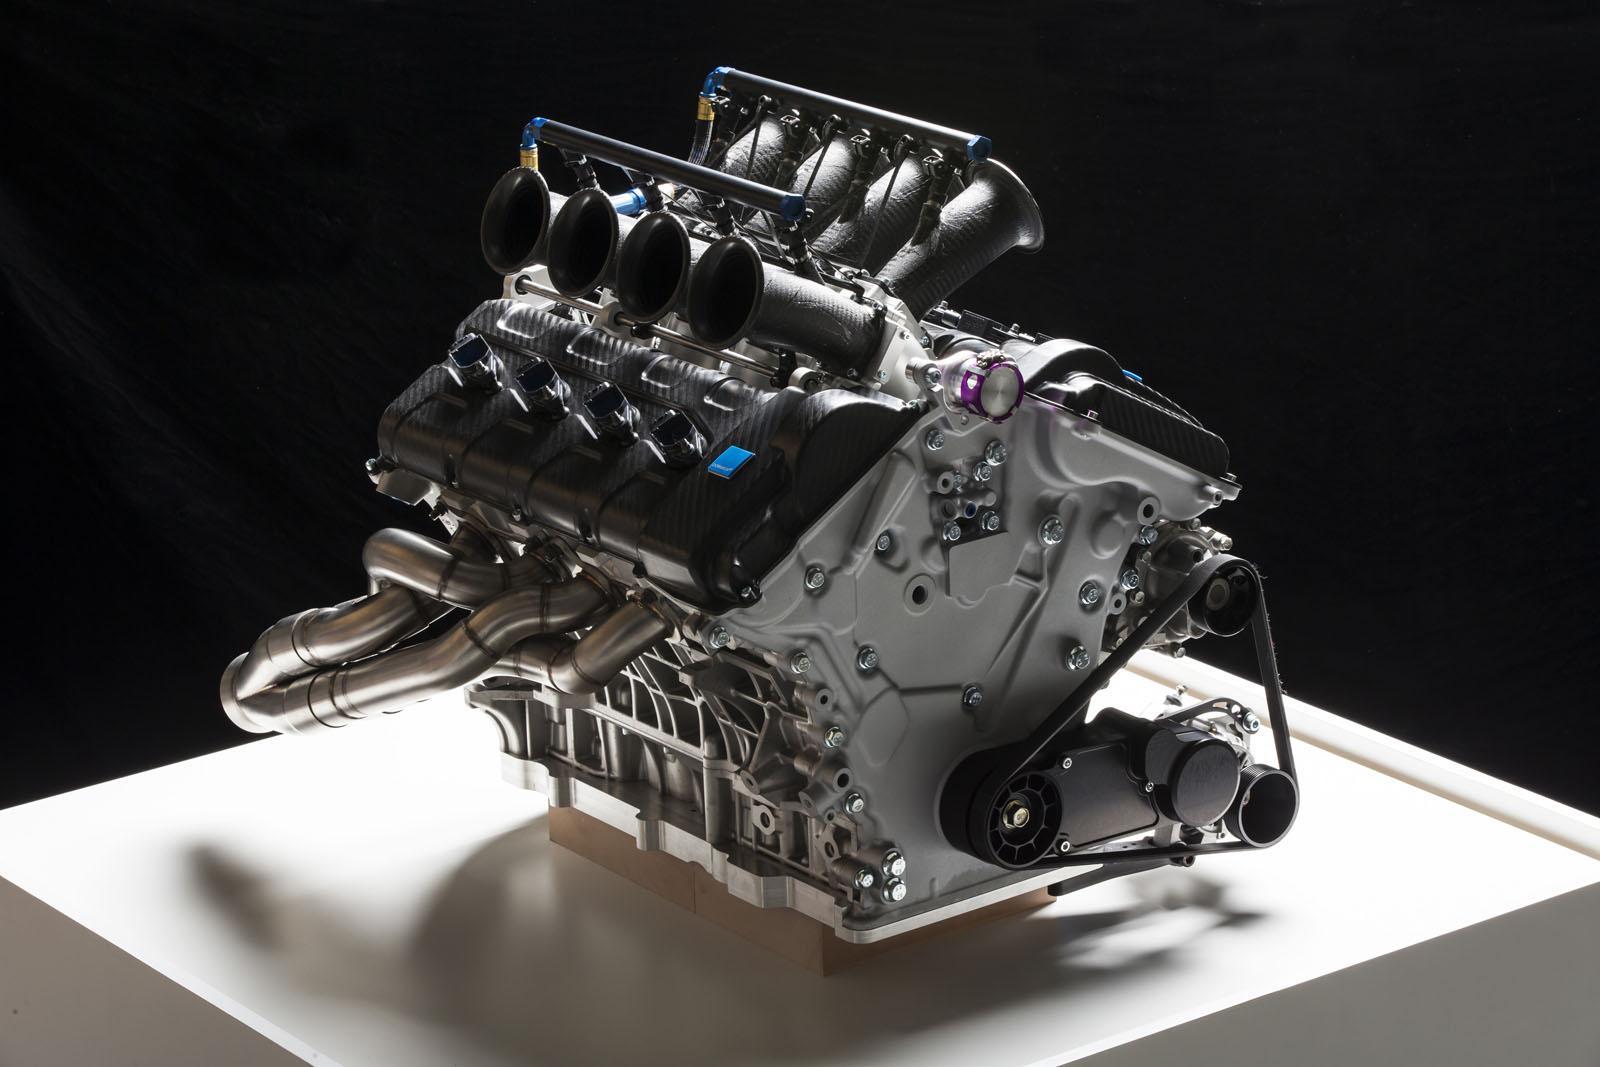 volvo shows 5 0 liter v8 engine for australian v8 supercar. Black Bedroom Furniture Sets. Home Design Ideas